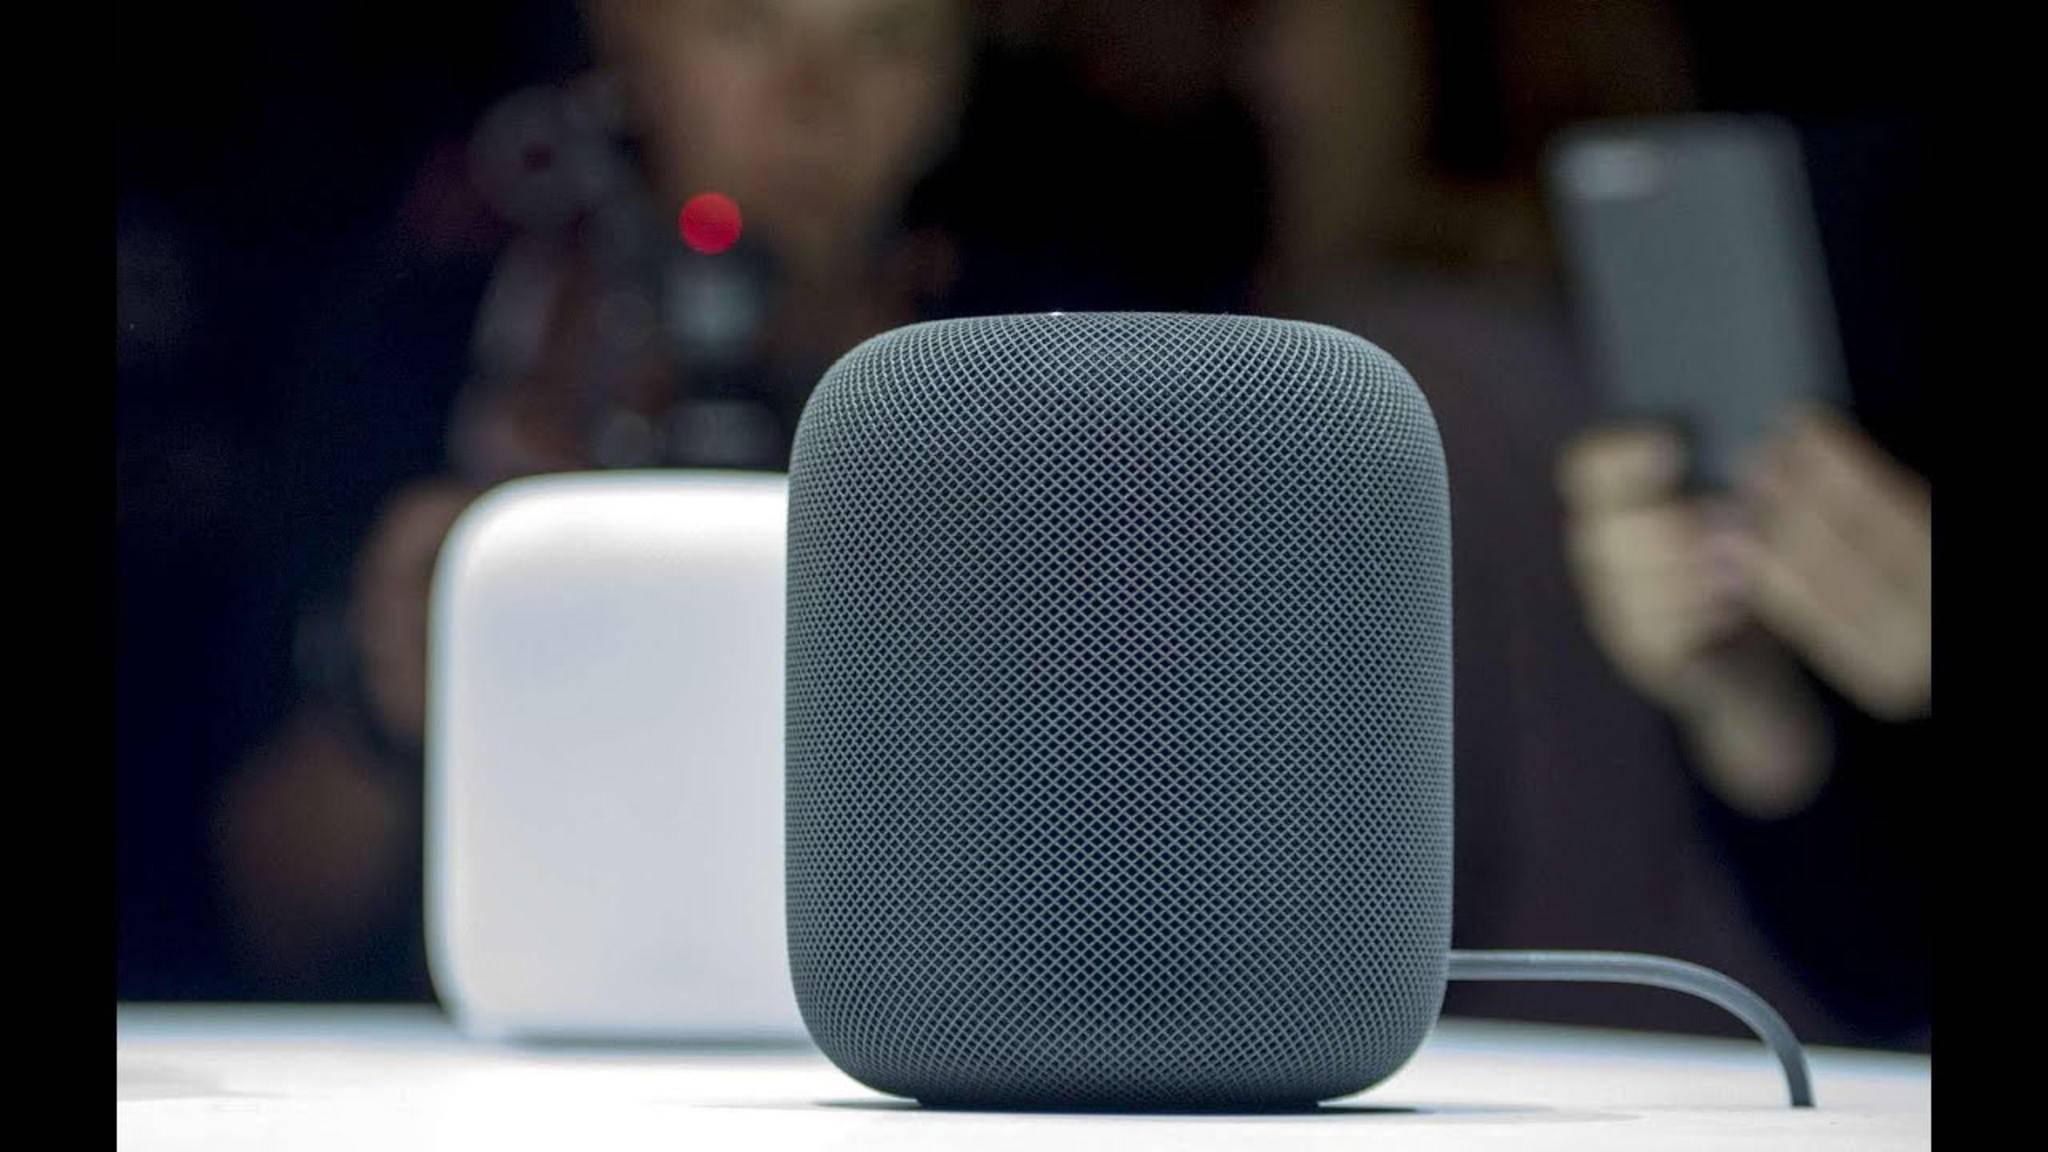 Zumindest für die erste Einrichtung benötigt der Apple HomePod wohl ein iPhone oder anderes iOS-Gerät.